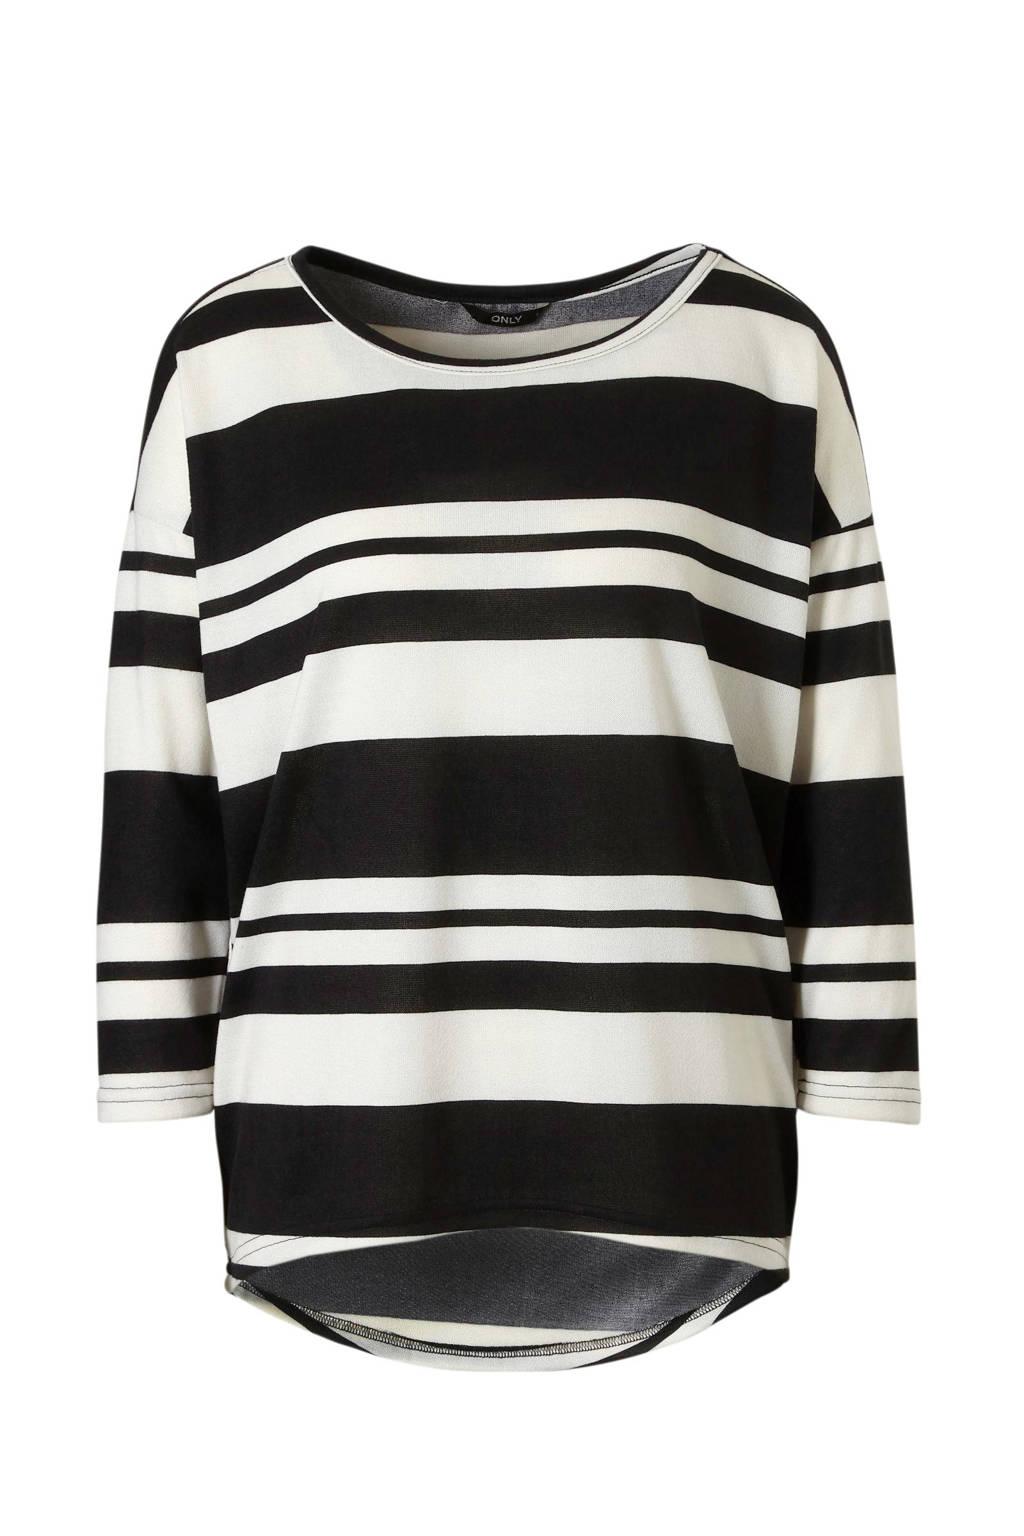 ONLY top met strepen, Zwart/wit